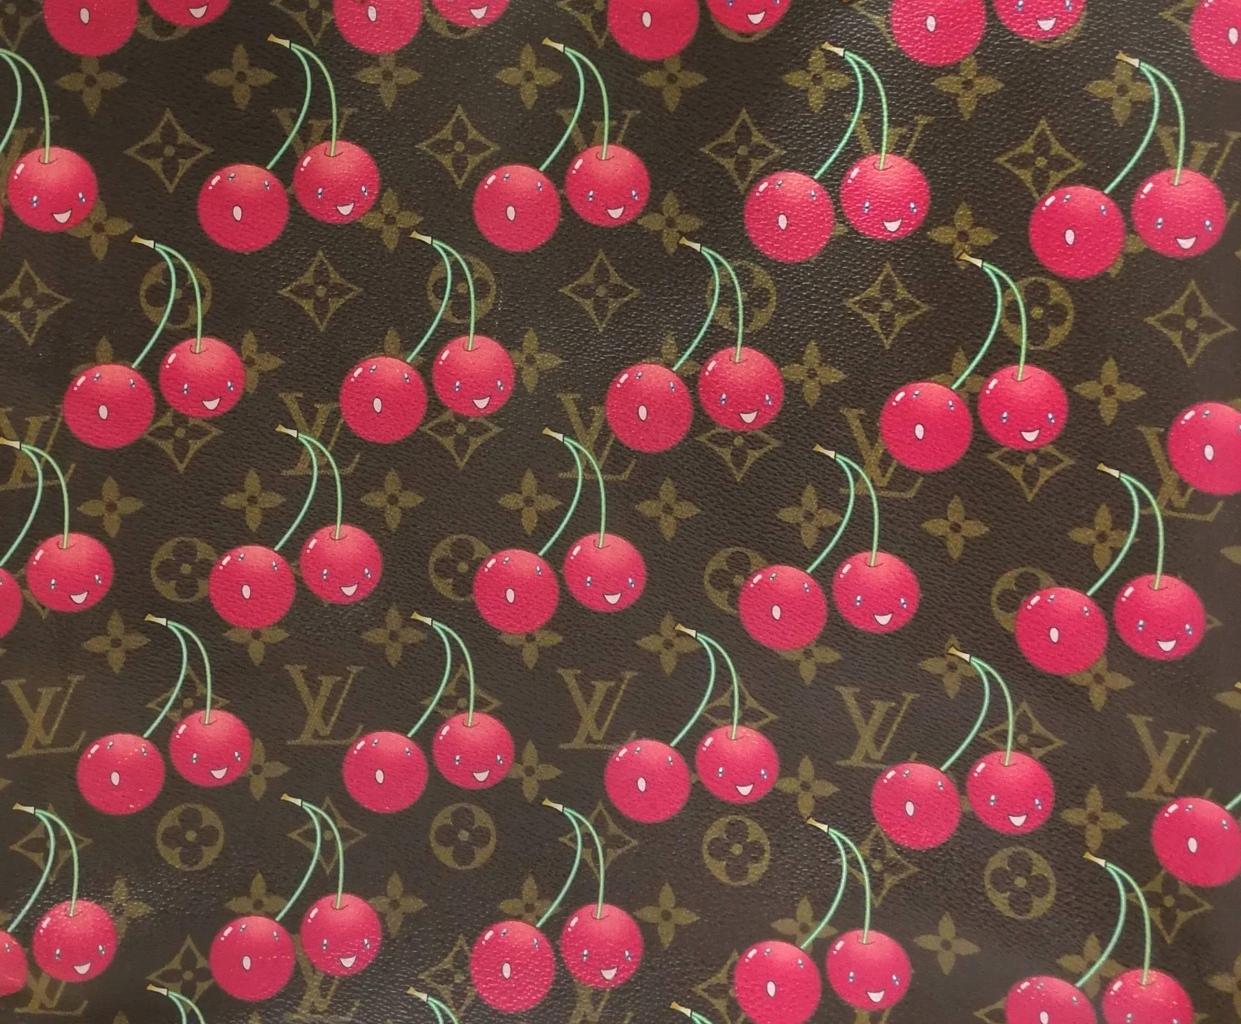 Louis Vuitton x Takashi Murakami S/S 2005 Cherry Print